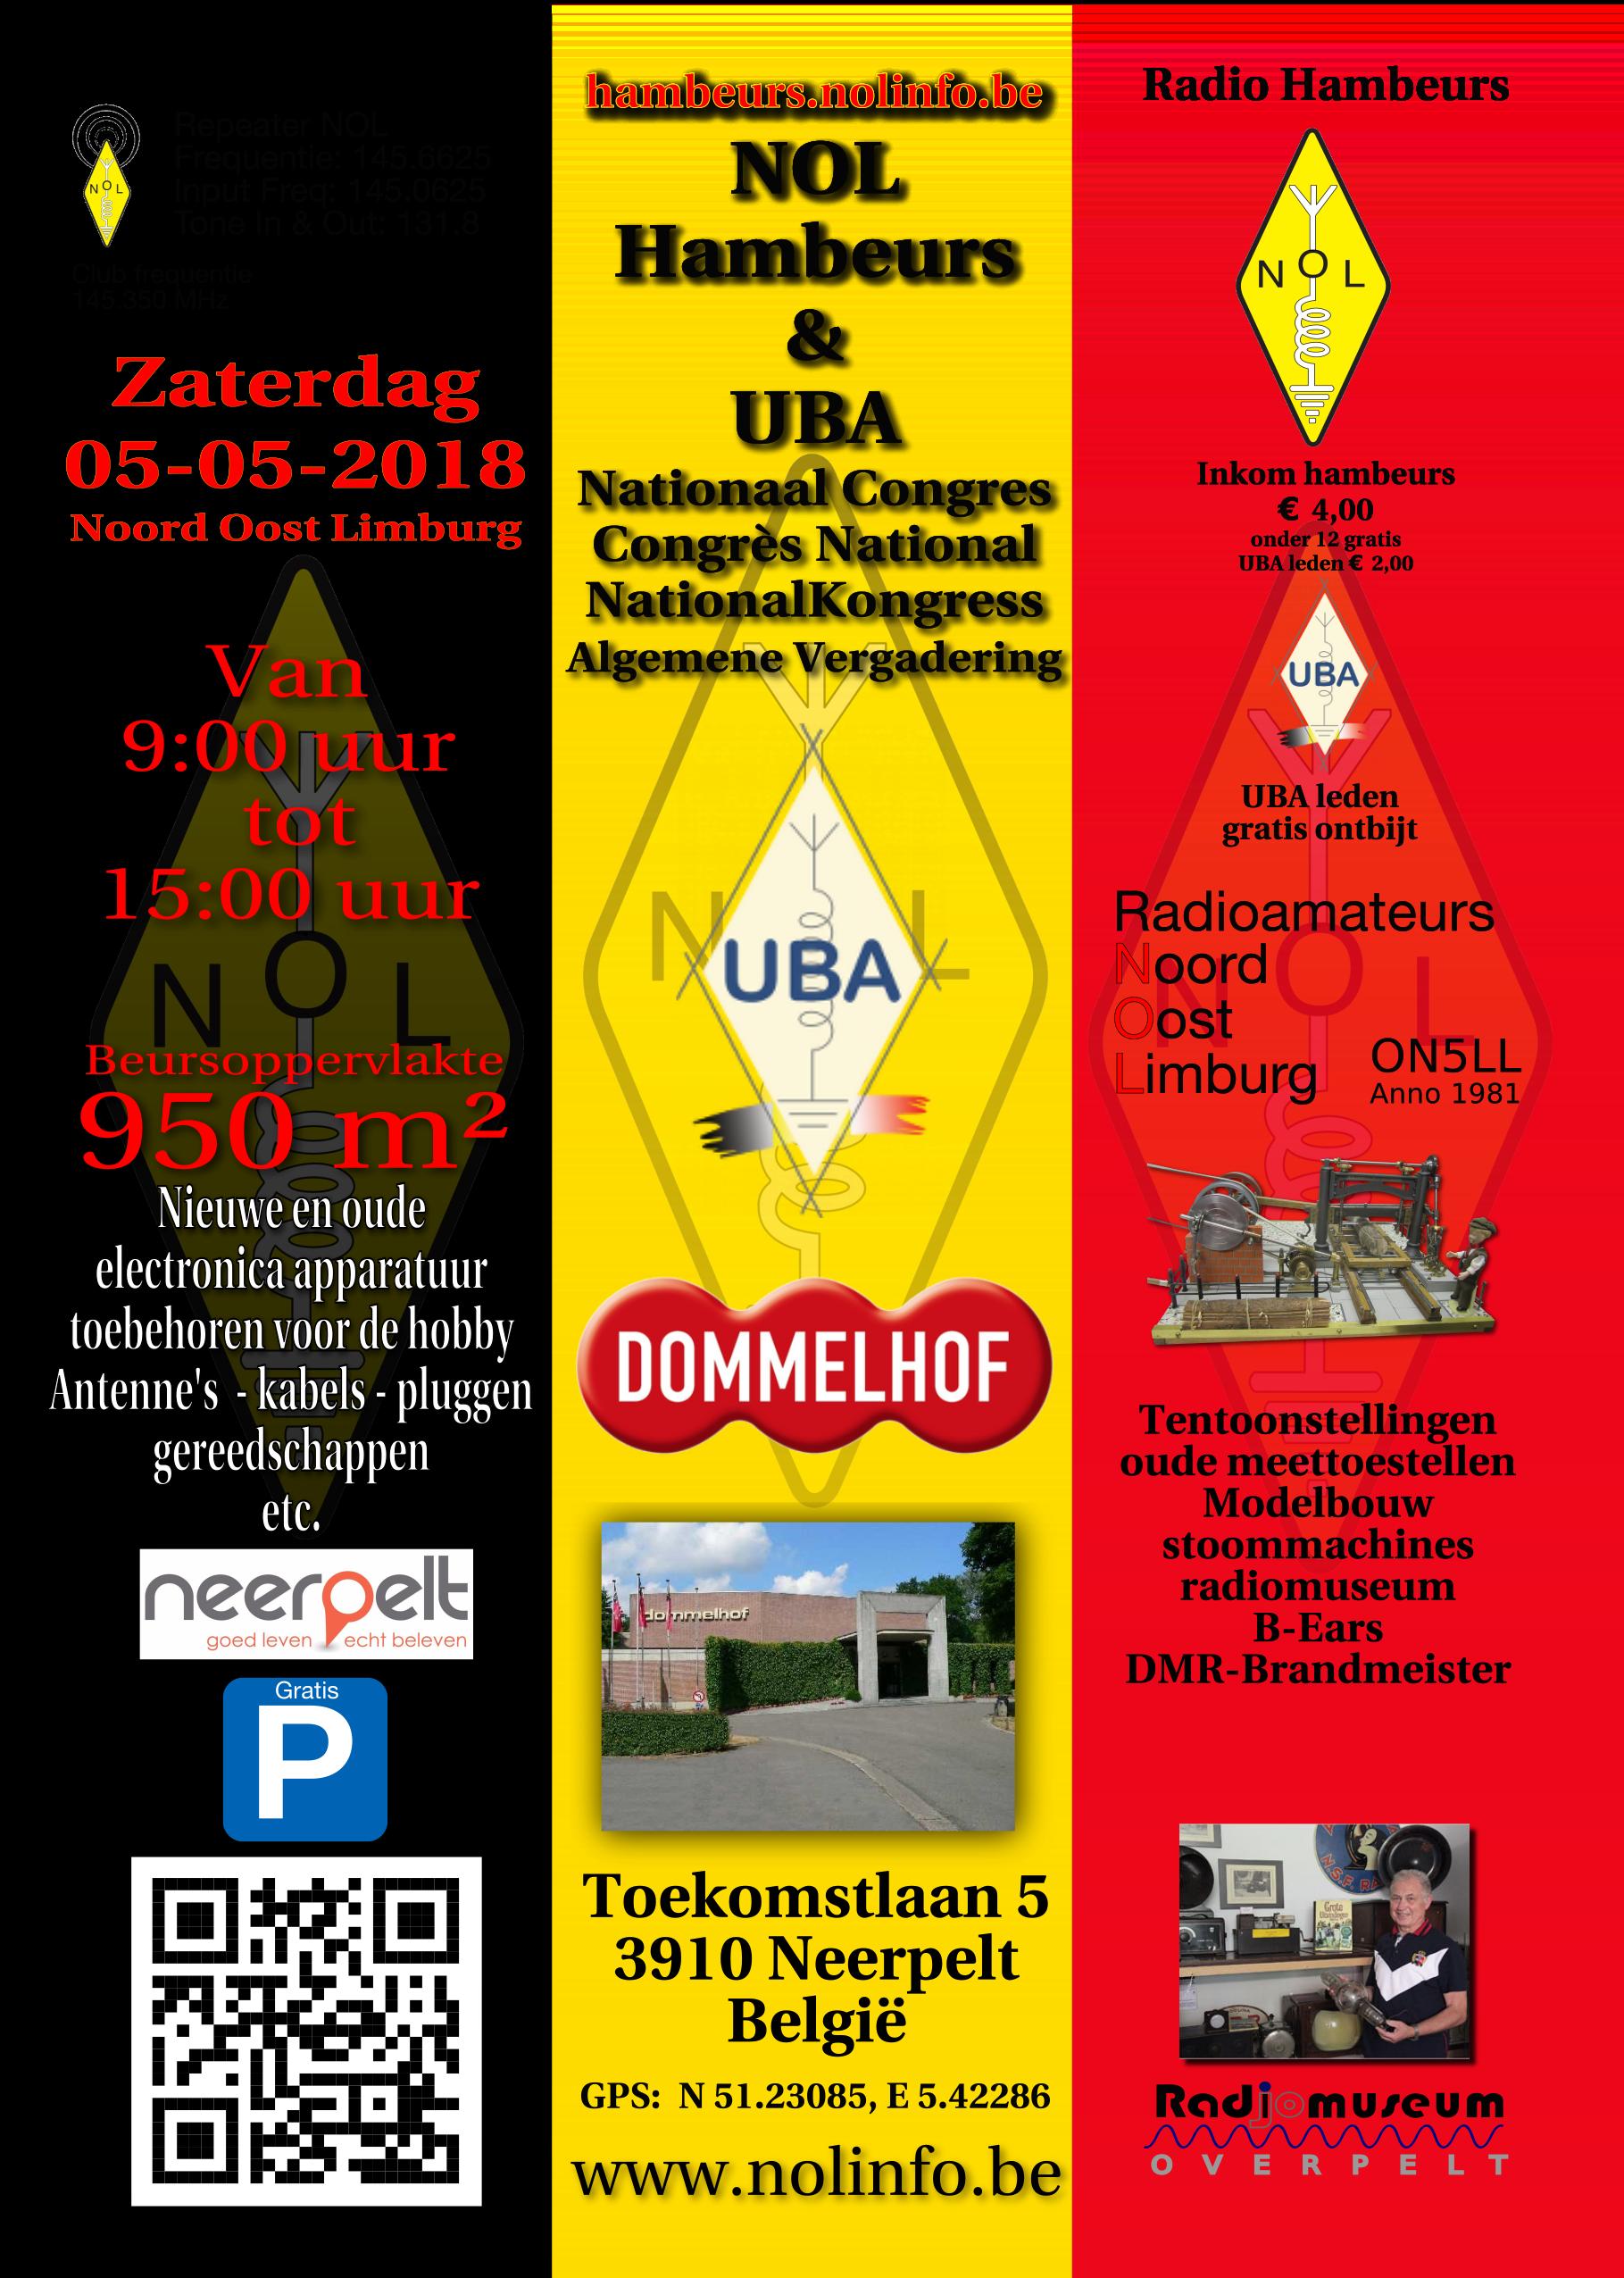 UBA Congres met HAMbeurs op zaterdag 5 mei